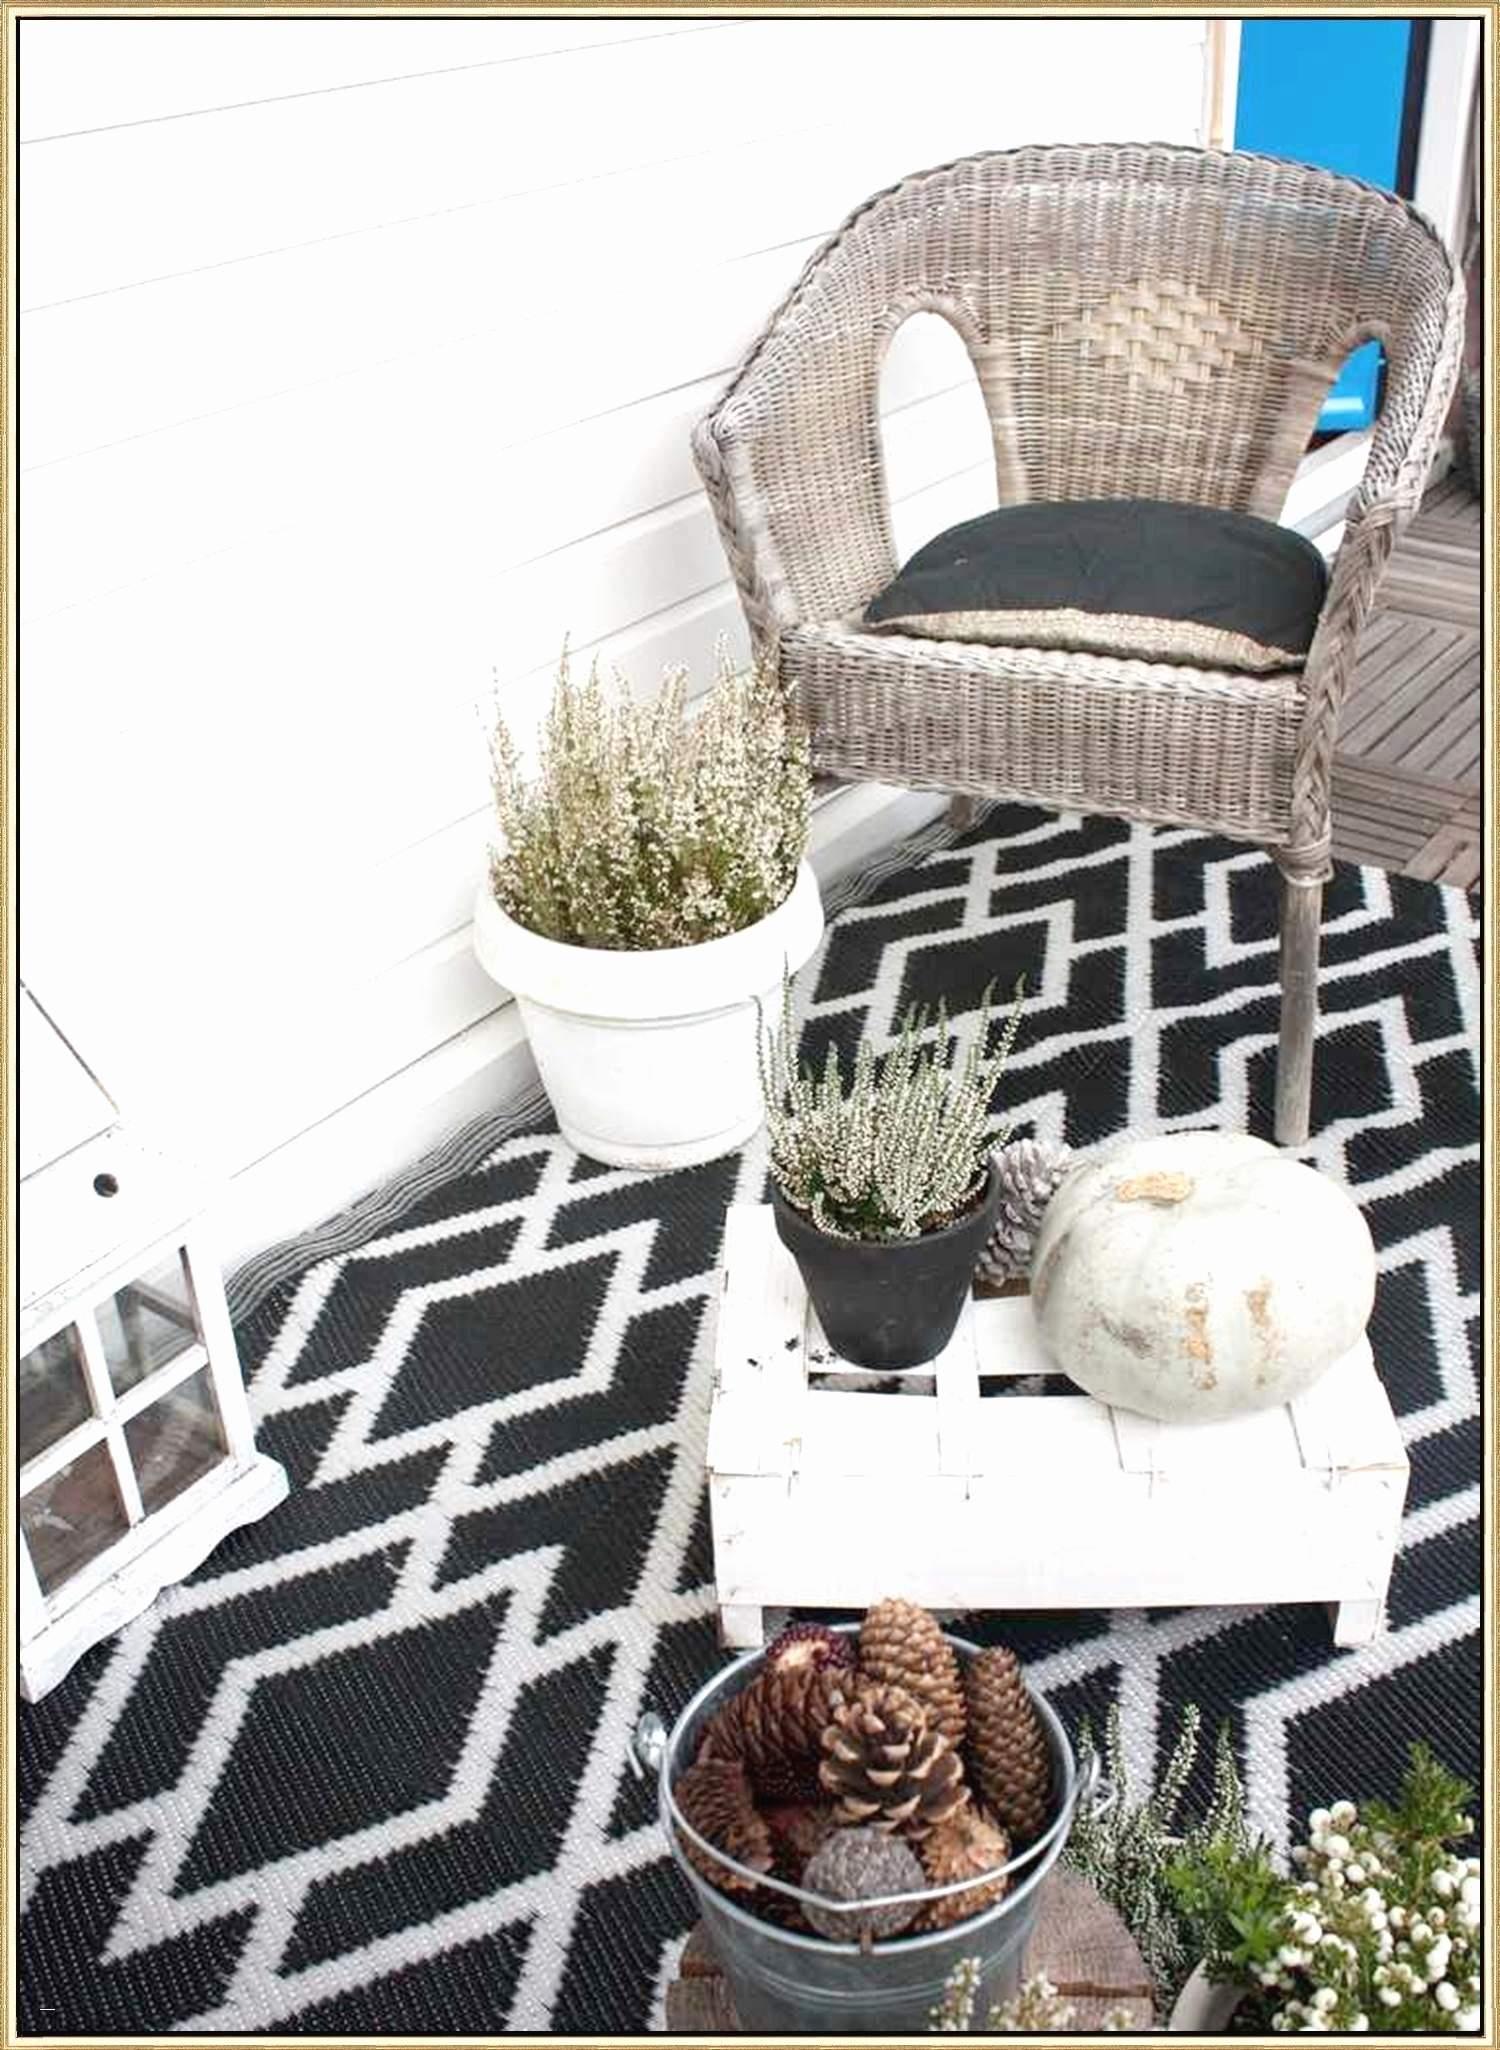 Wanddeko Für Den Garten Inspirierend 35 Luxus Ideen Für Garten Genial